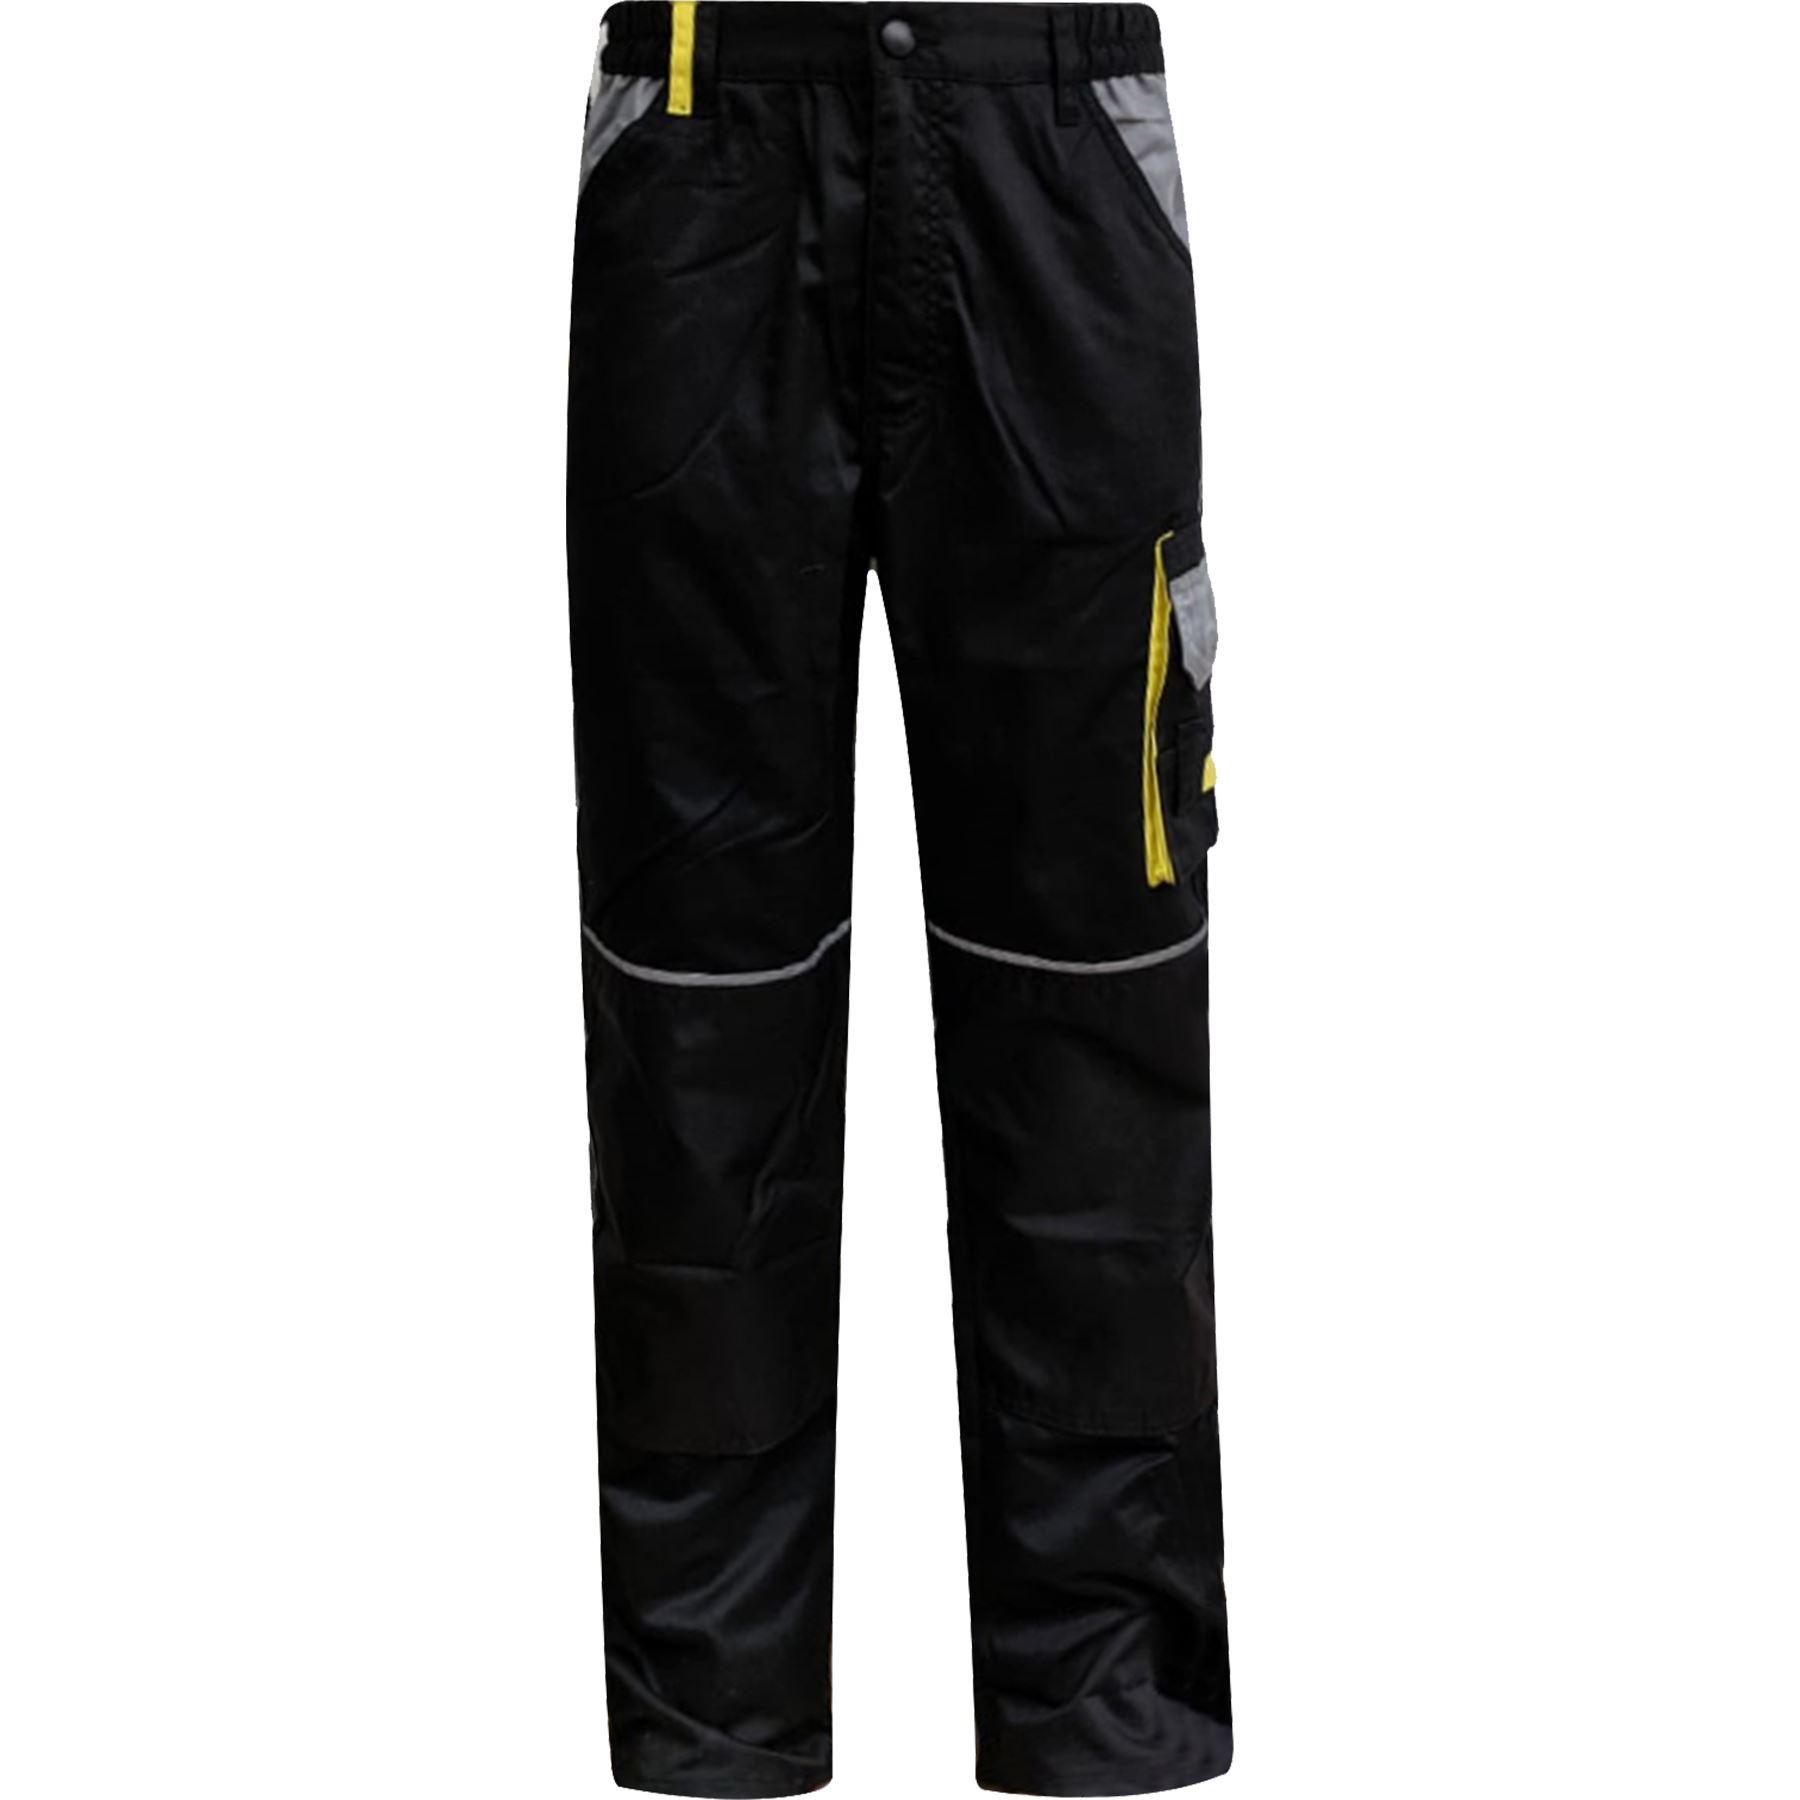 Para-Hombre-Elastico-Cargo-Pantalones-De-Trabajo-Cordura-Resistente-Rodilleras-Bolsillos-Hi-Vis miniatura 3